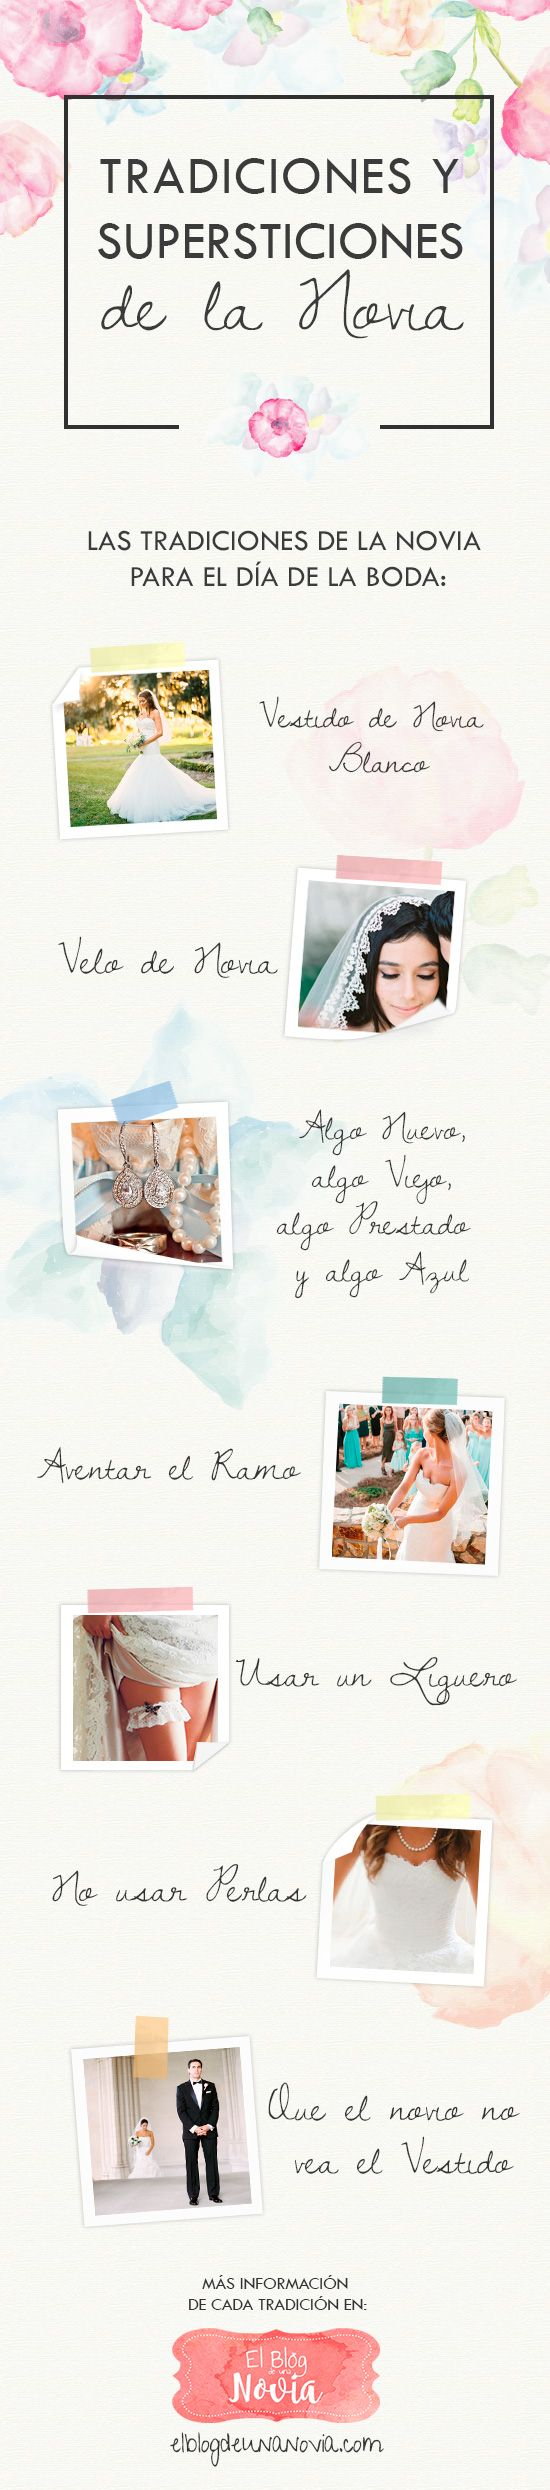 Tradiciones y Supersticiones de la Novia | El Blog de una Novia | #boda #novias